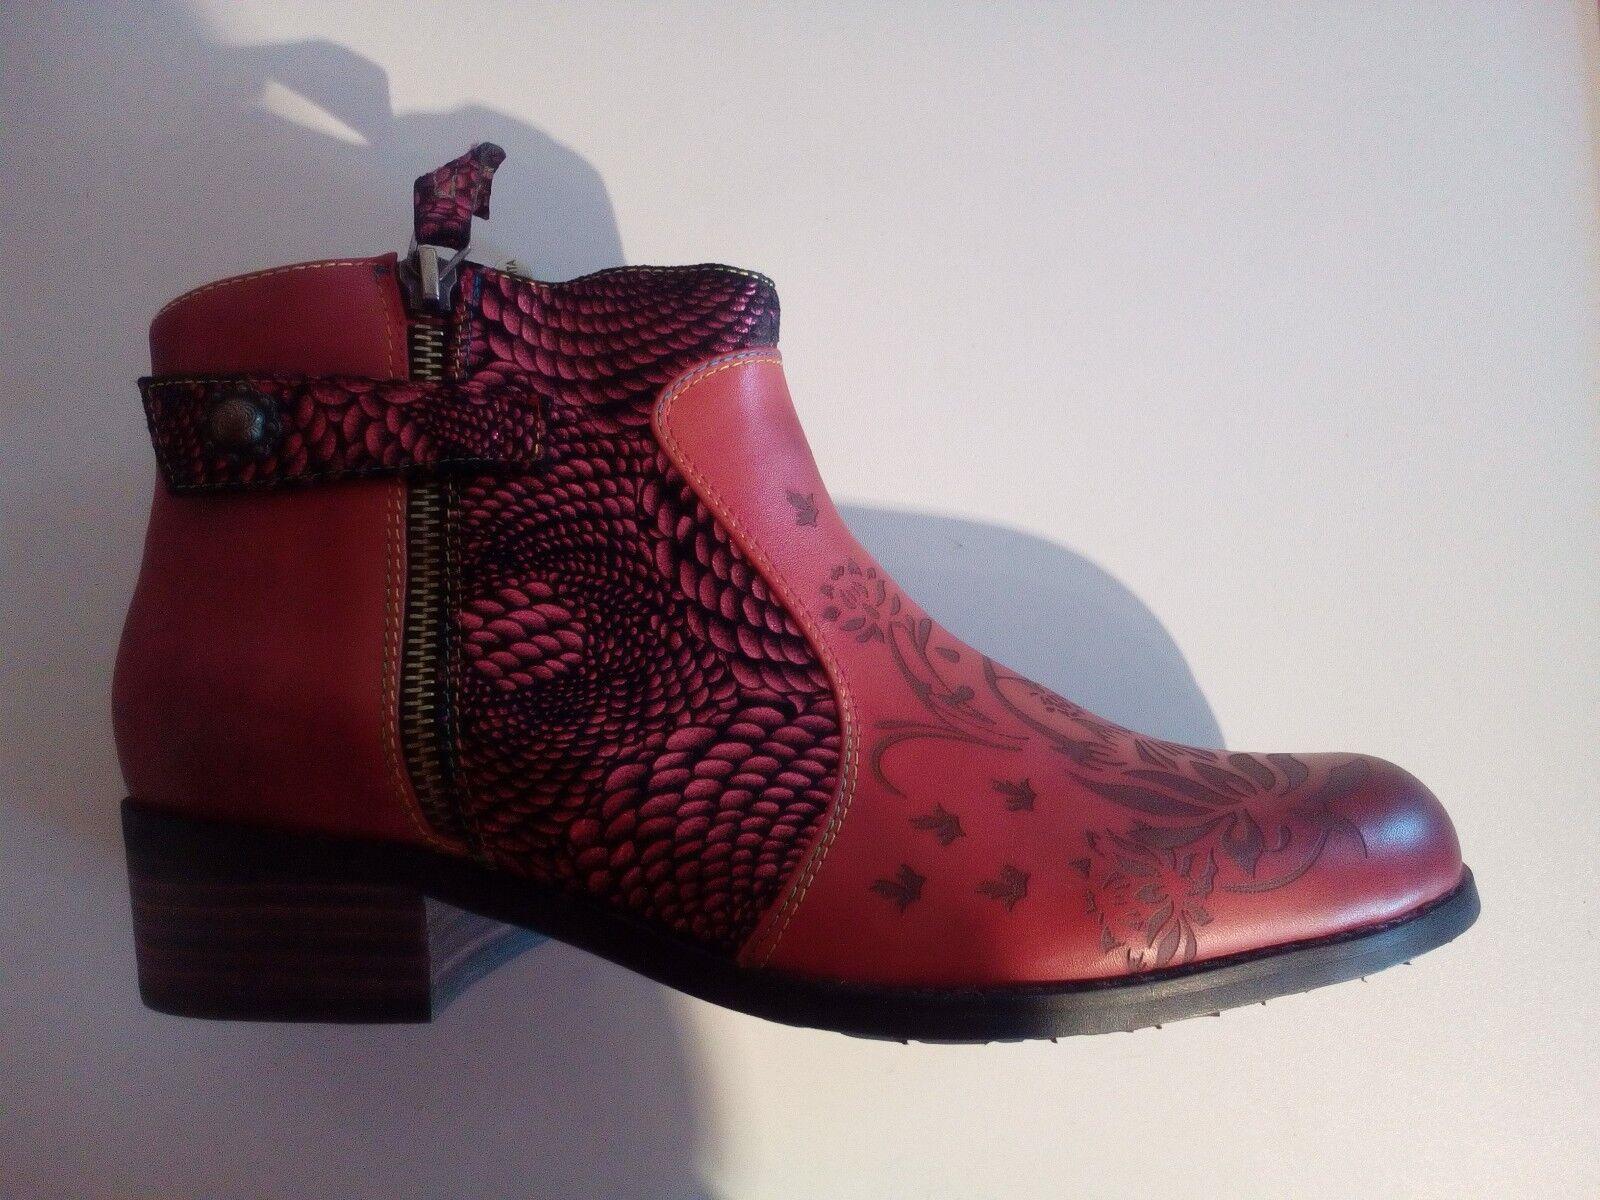 Laura vita Alice 007 señora botines de cuero rojo-combina tamaño 41-42 nuevo